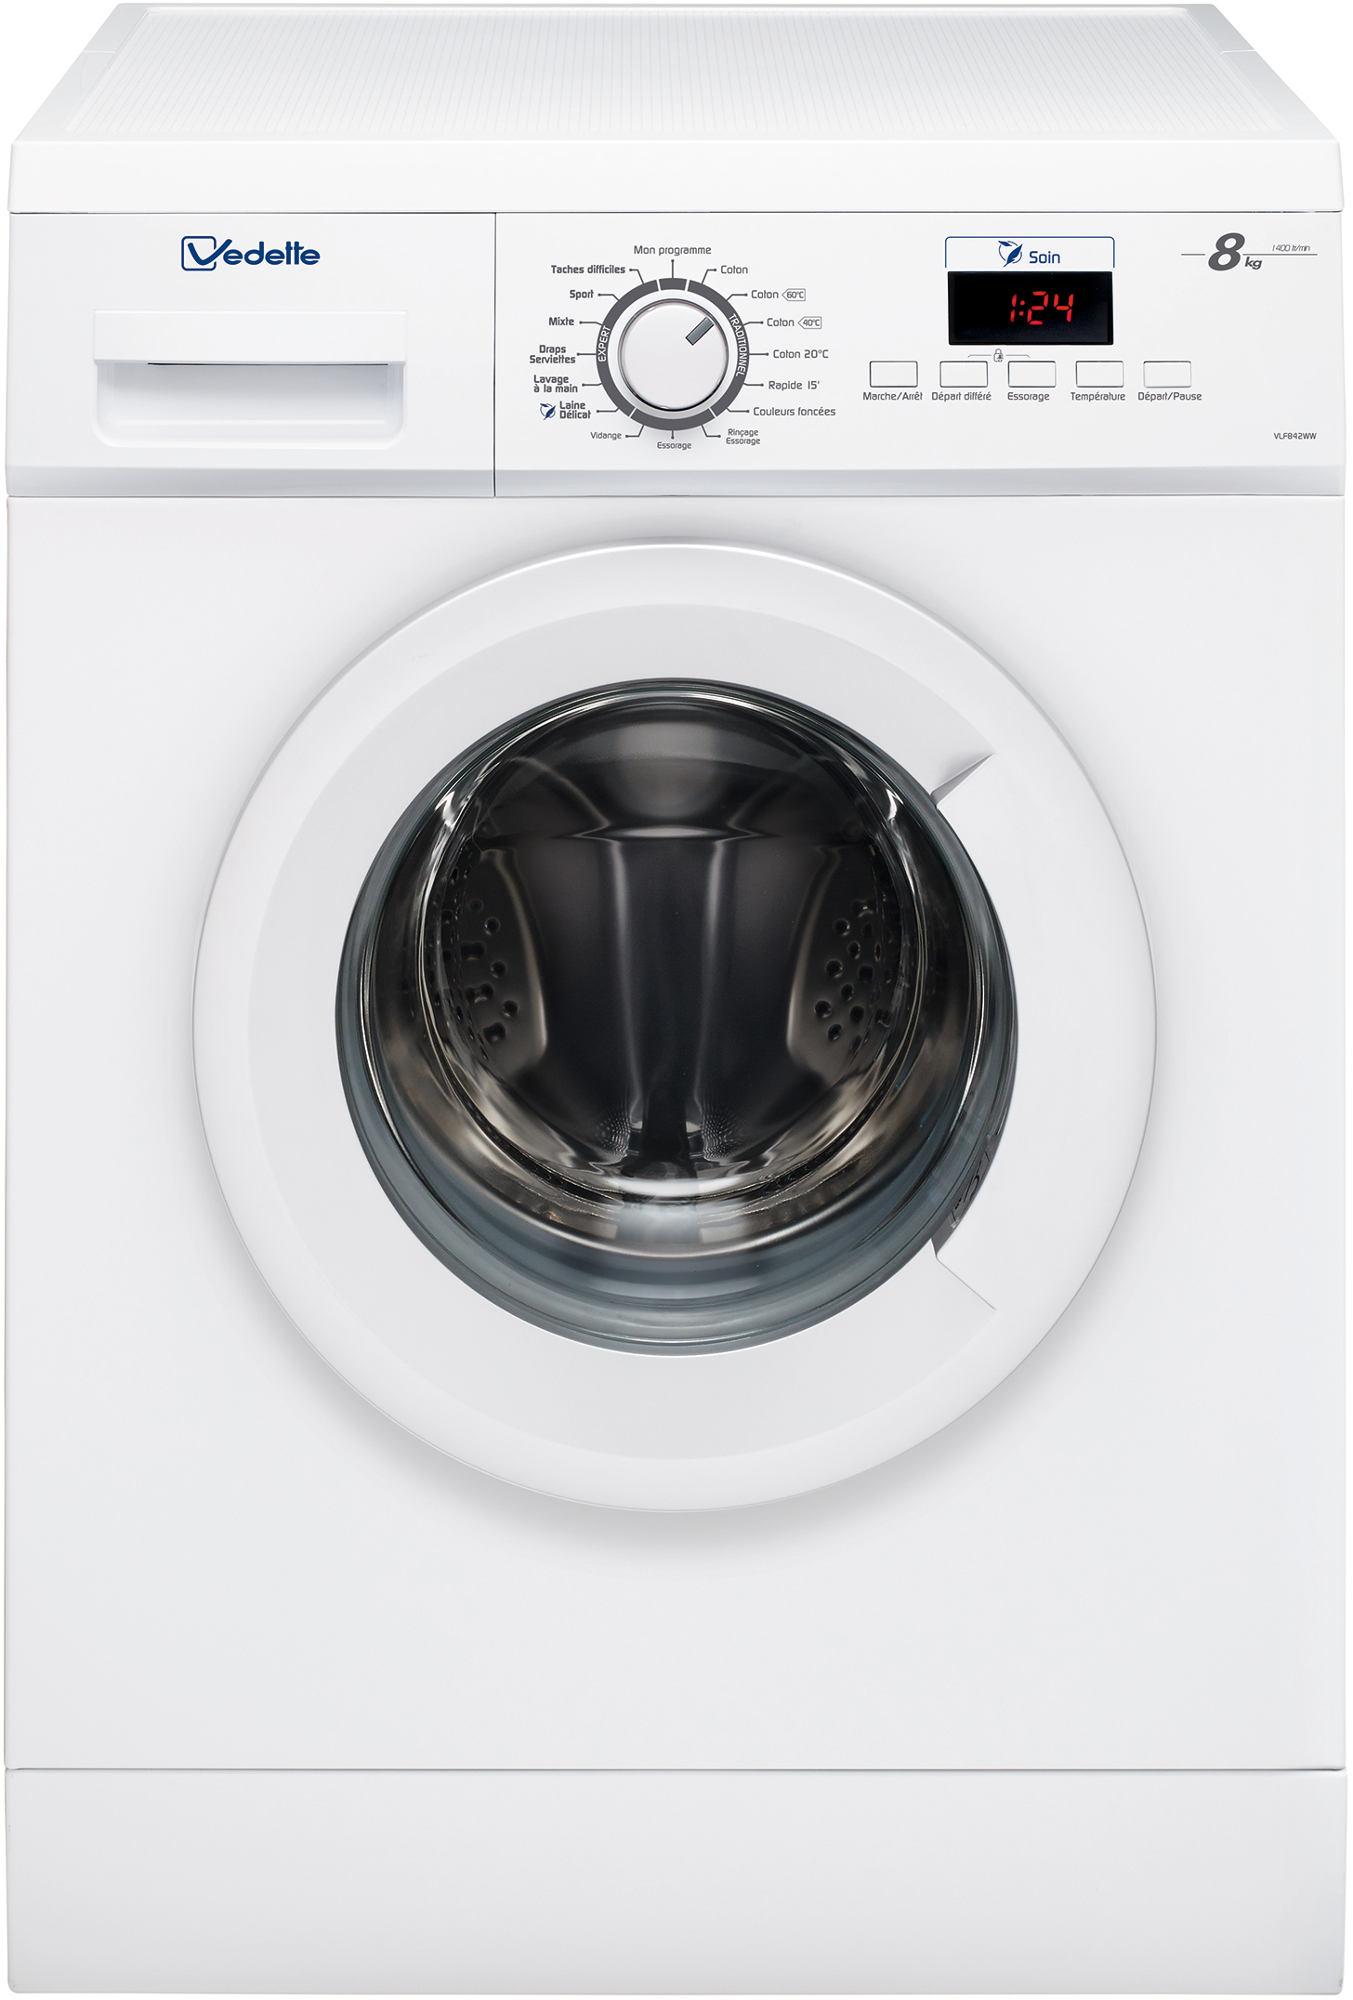 lave linge couleur lavelinge et schelinge couleur argent dans la buanderie beko machine laver. Black Bedroom Furniture Sets. Home Design Ideas